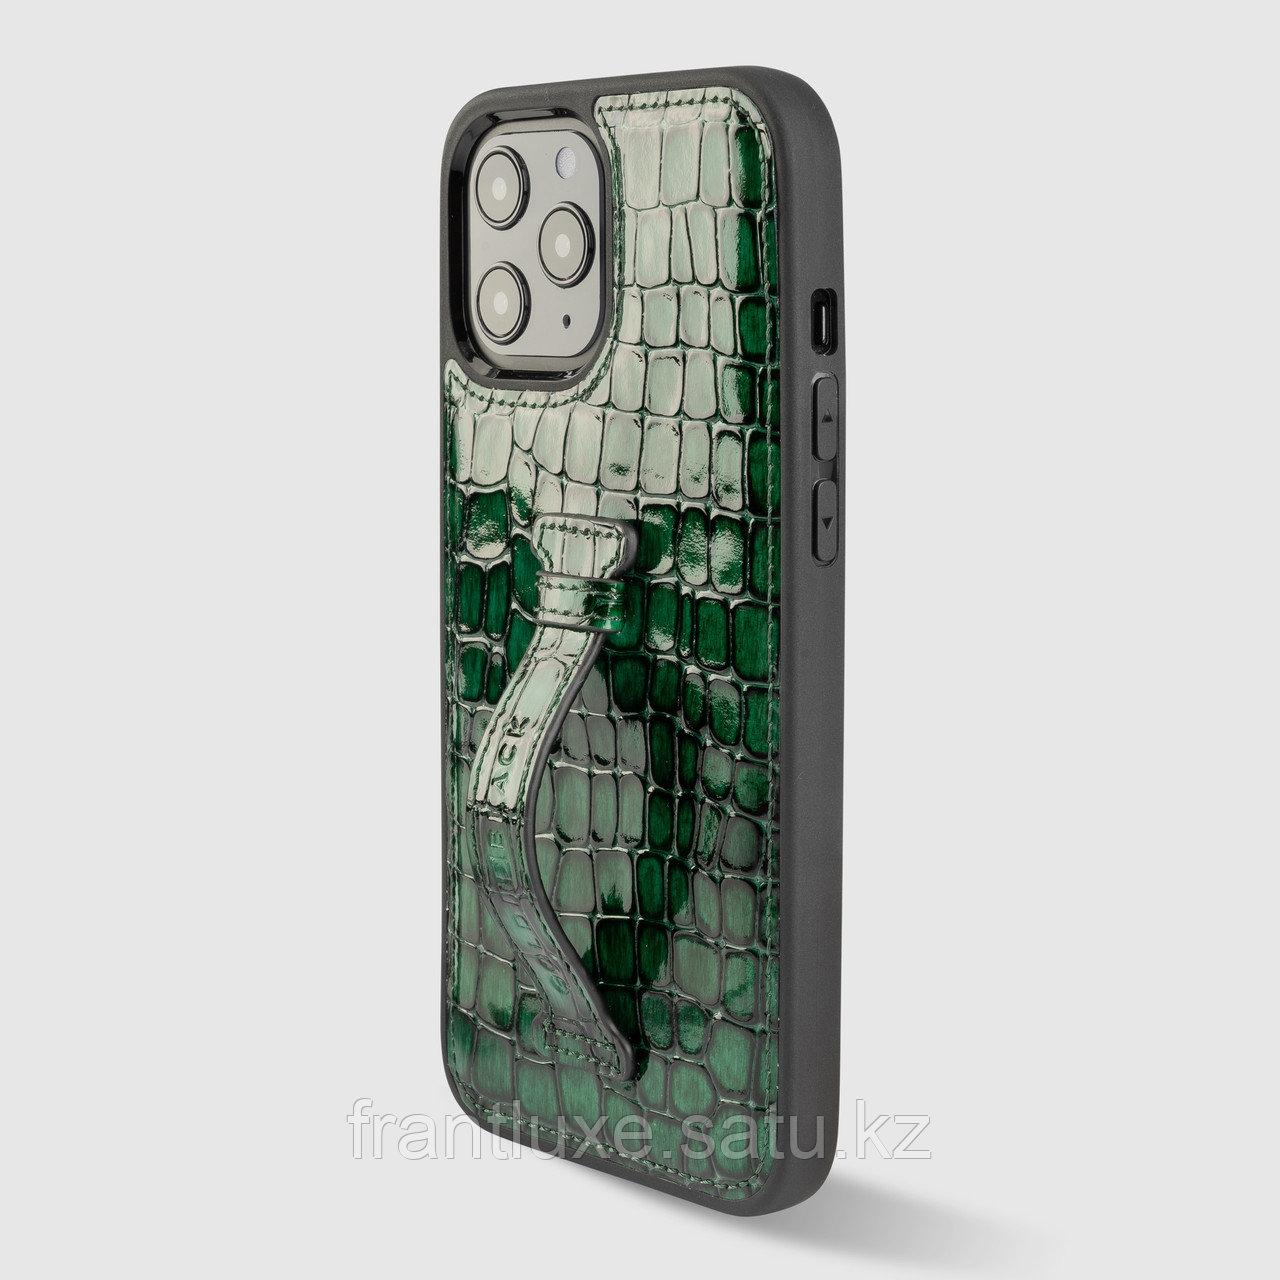 Чехол для телефона iPhone 12 Pro Max с ремешком-держателем зелёный - фото 1